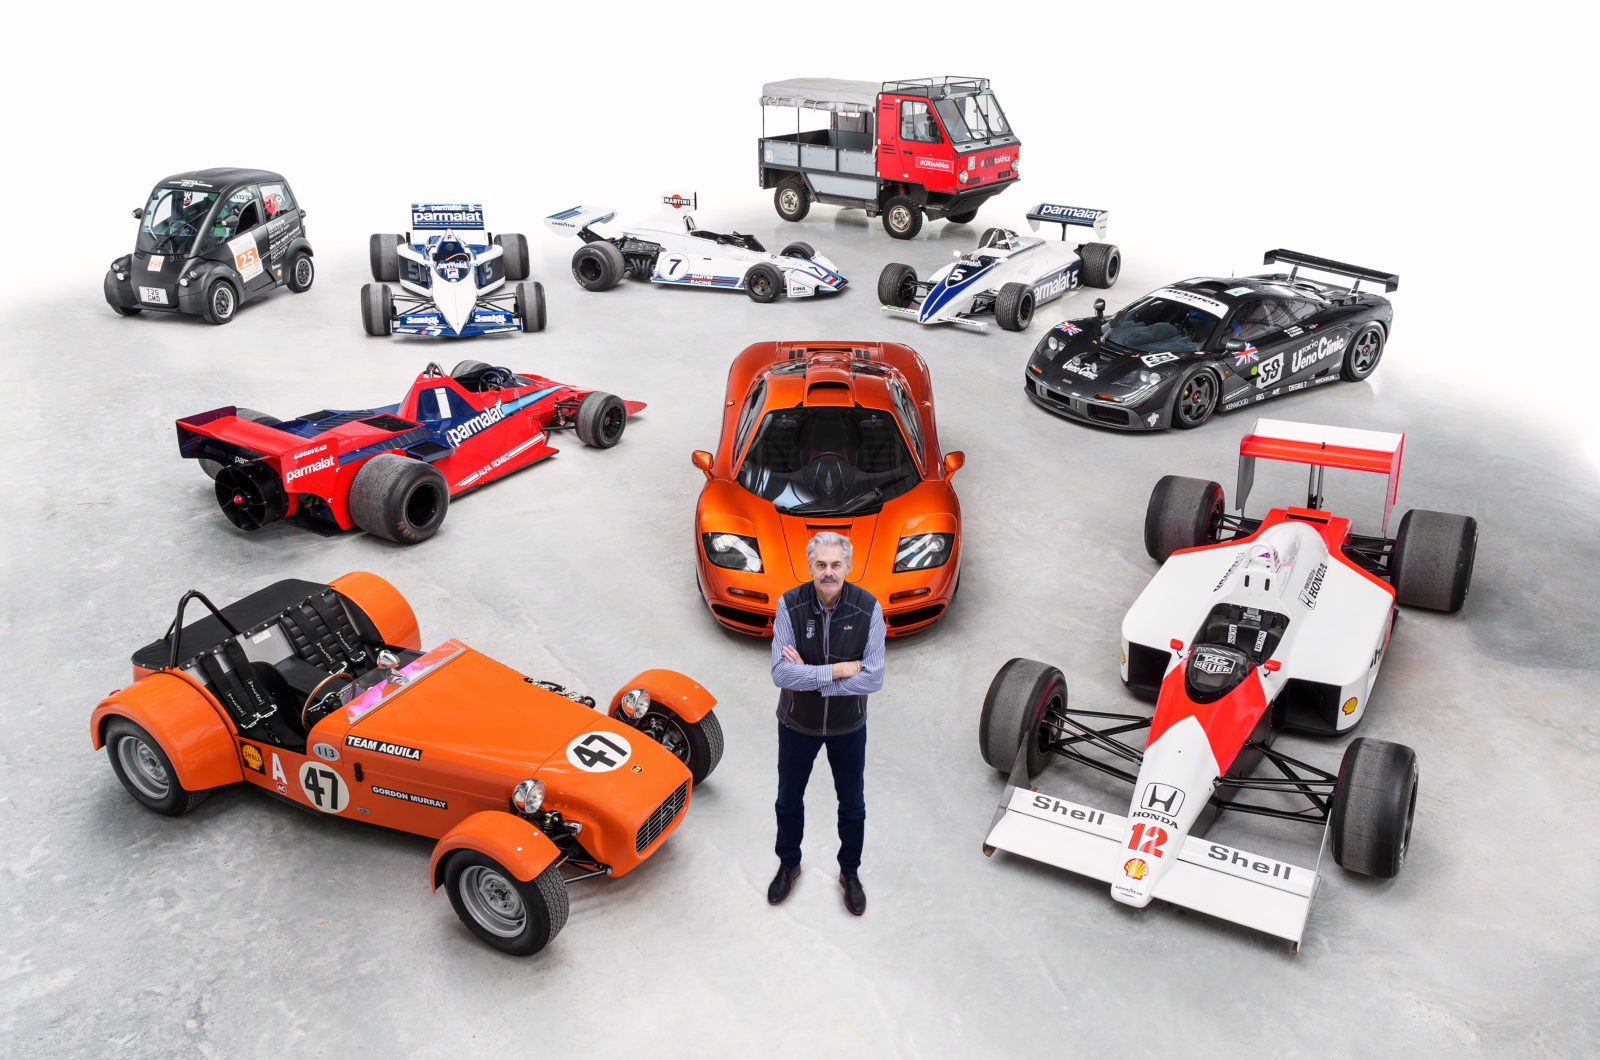 ゴードン・マレー、F1史上最も影響力のある技術革新者に輝く